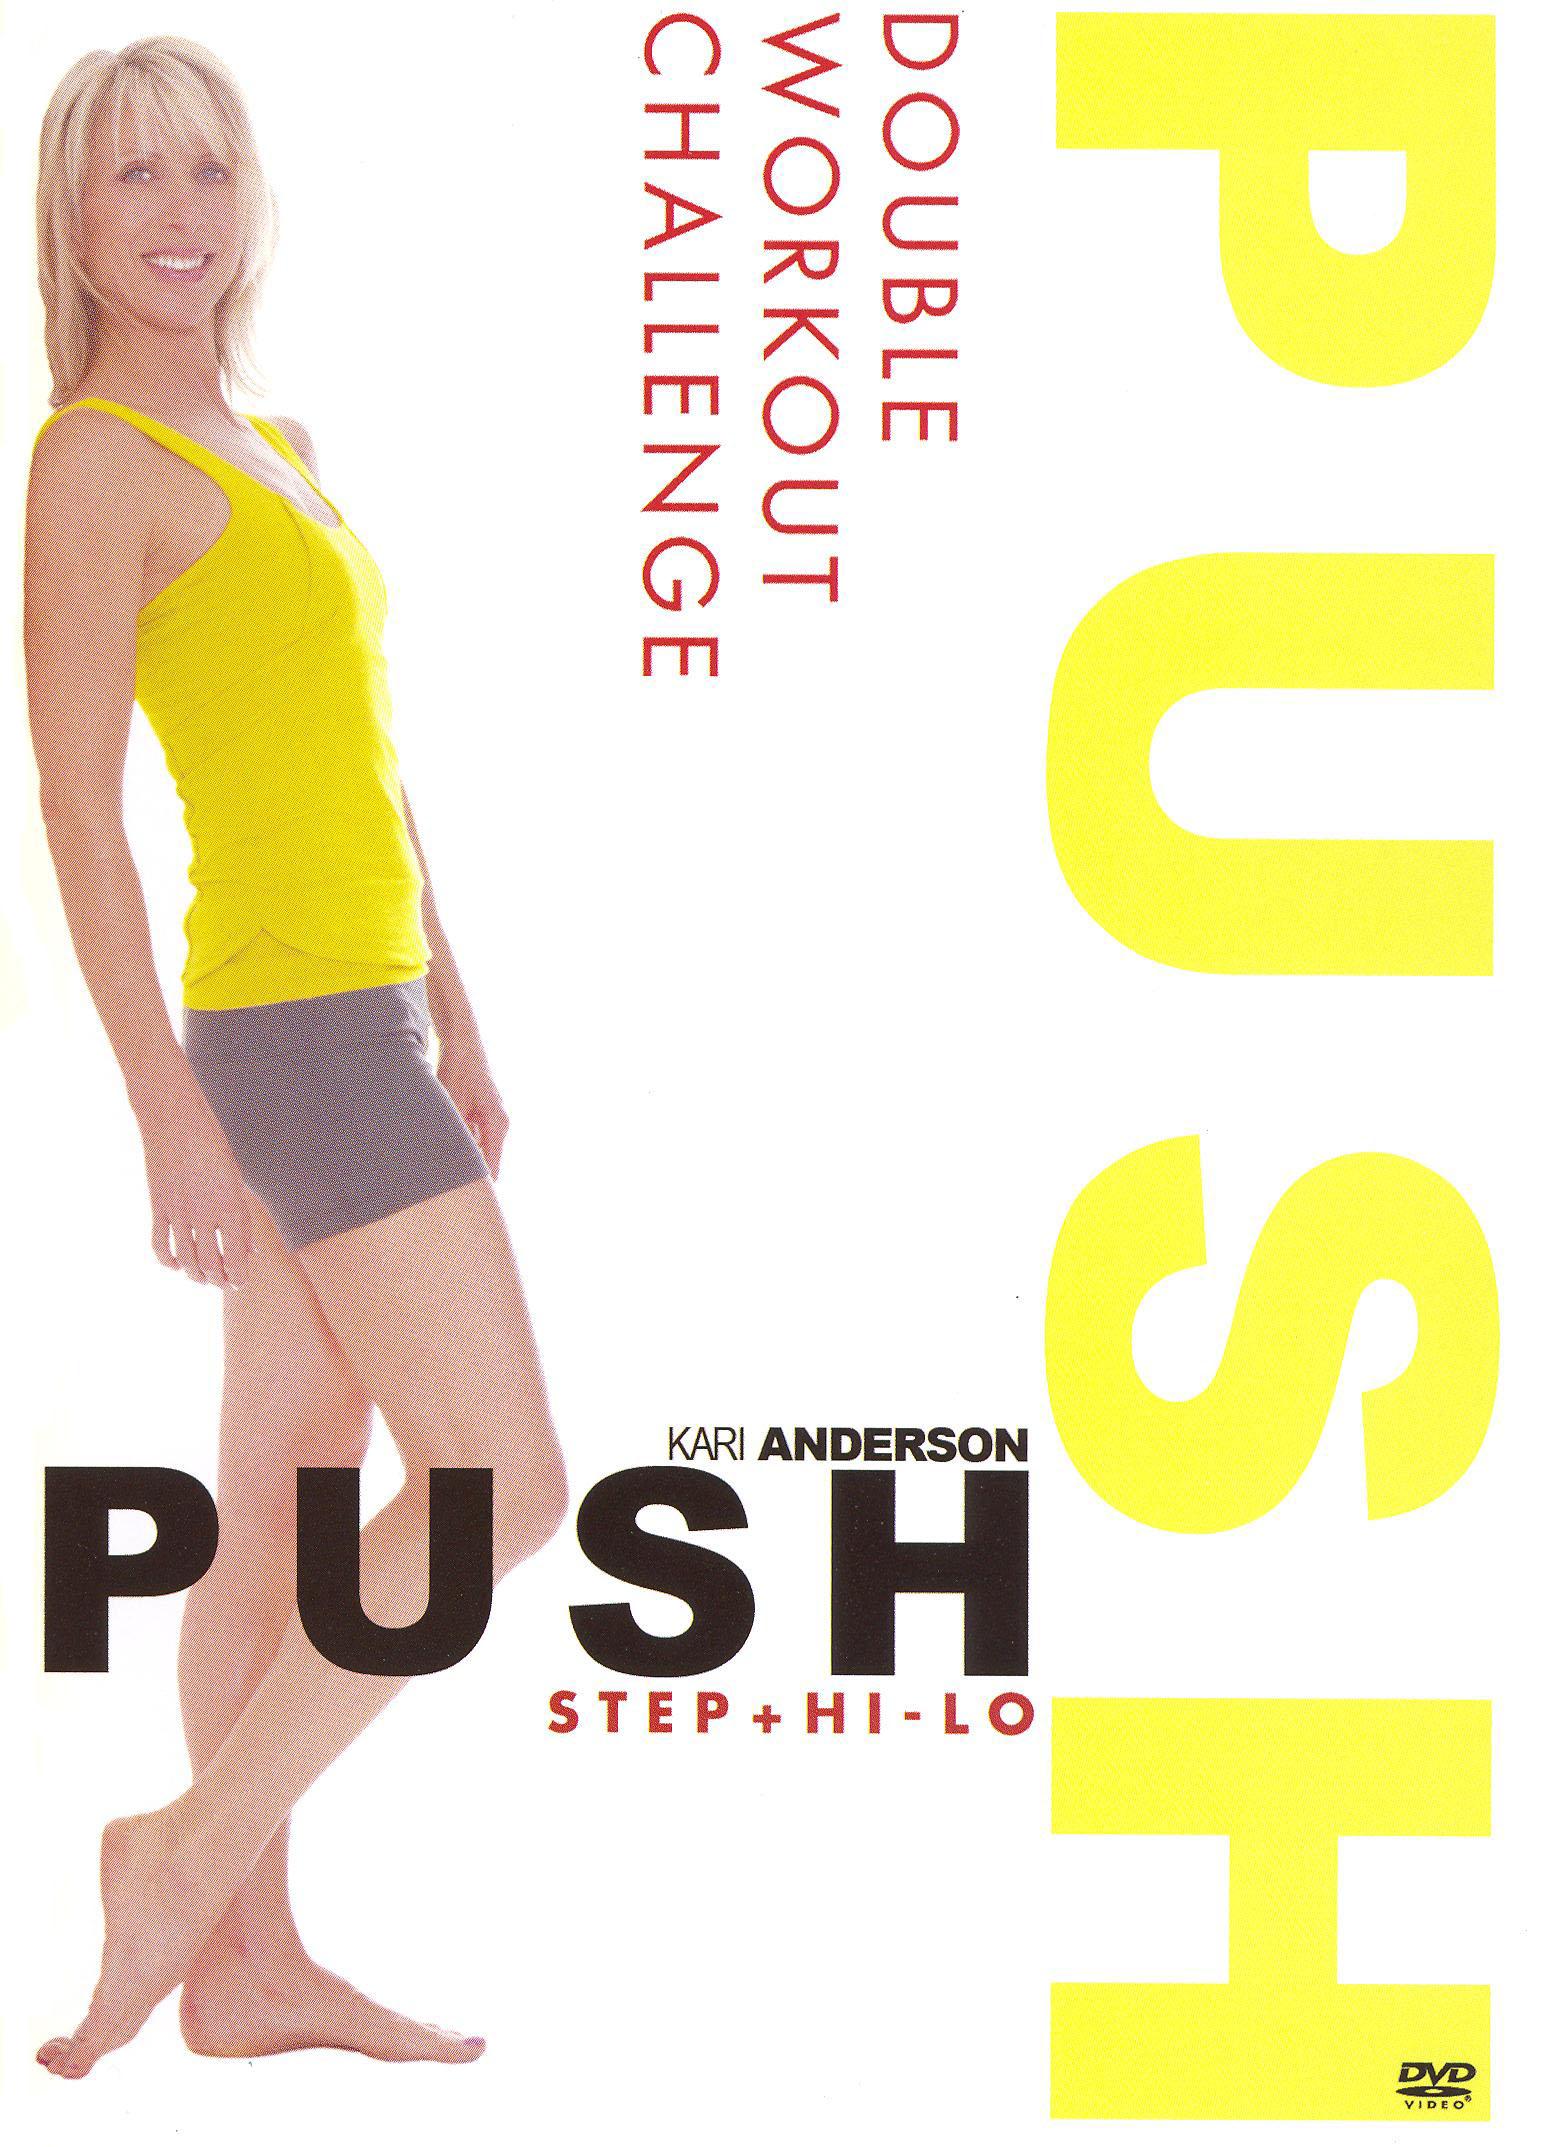 Kari Anderson: Push